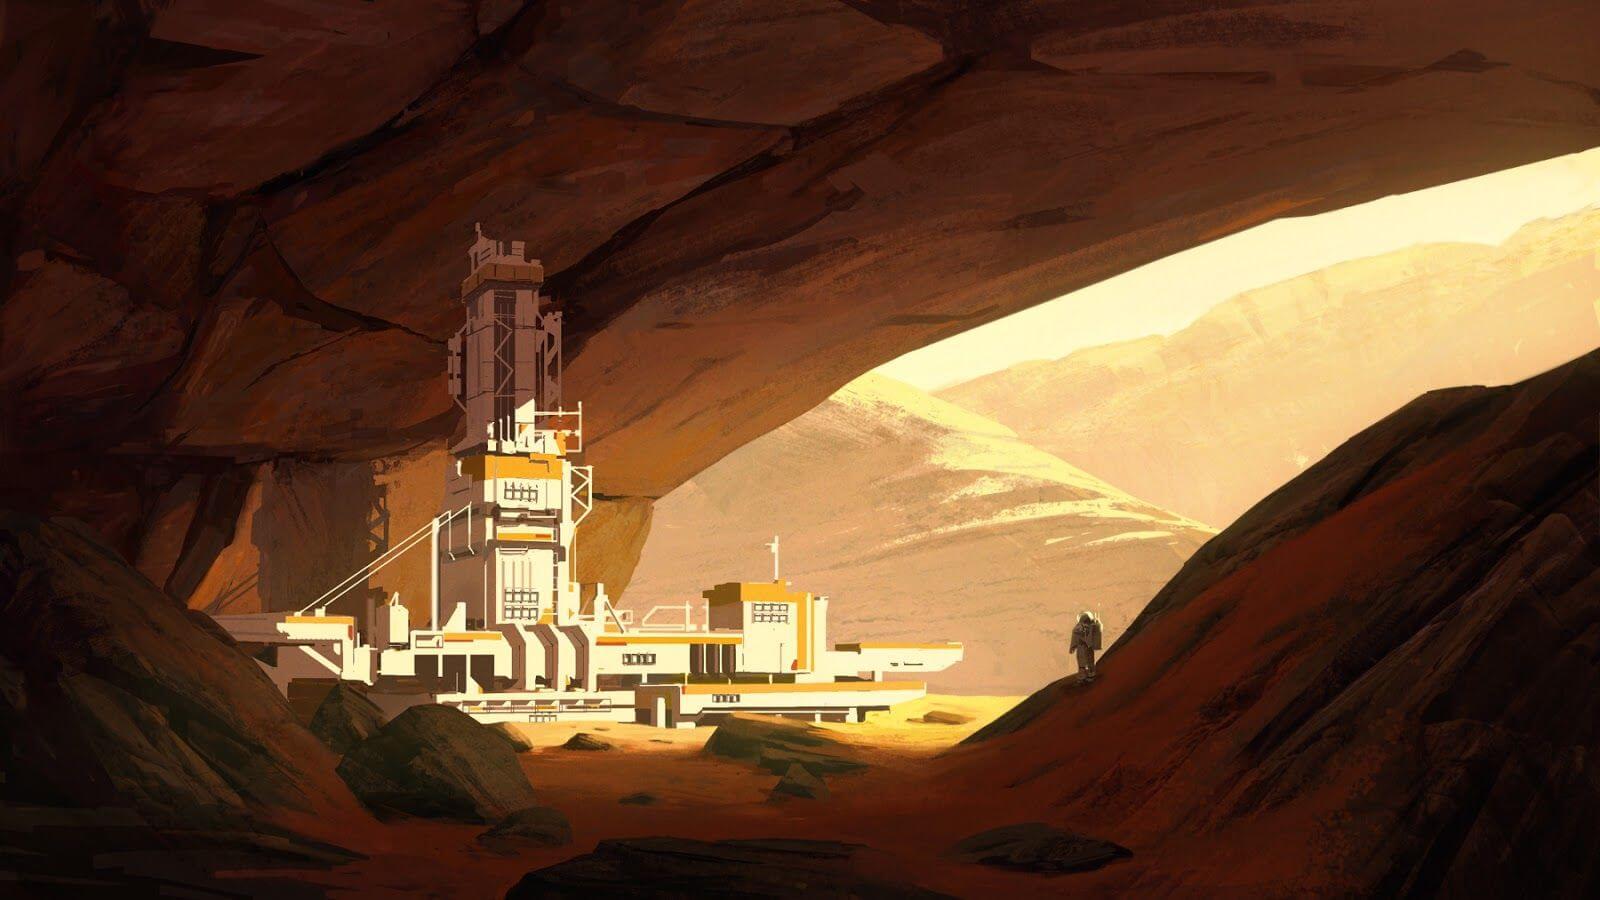 Исследование пещер на Земле с помощью летающих дронов может упростить колонизацию Марса